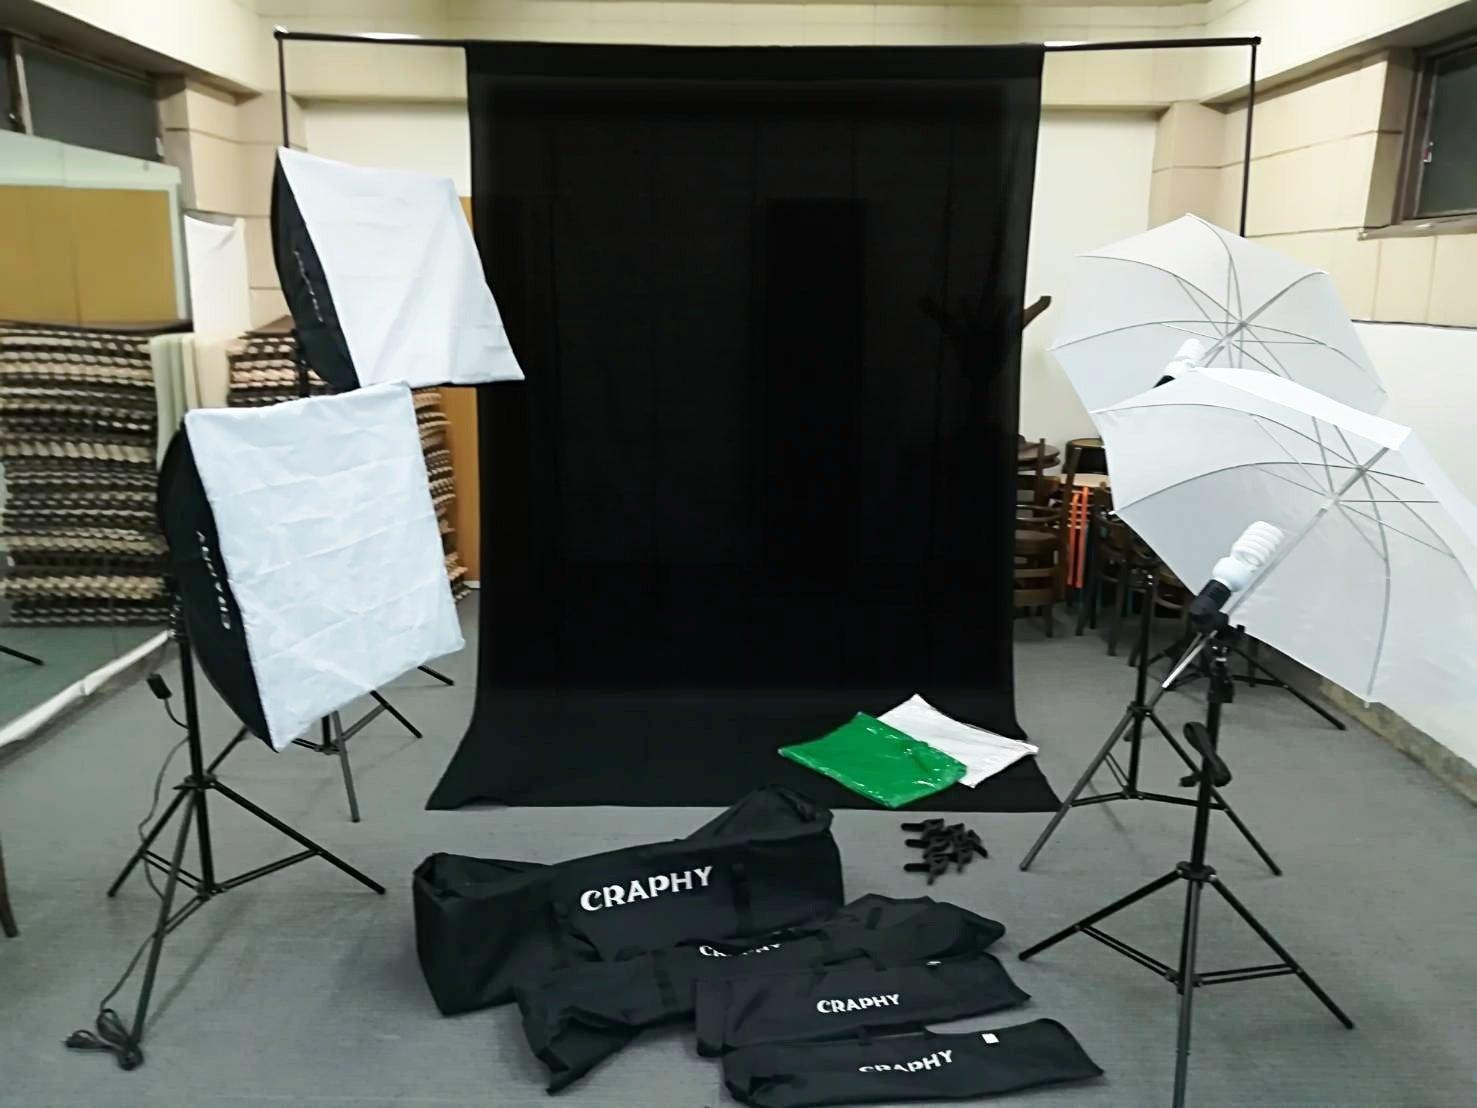 【無料付帯設備】CRAPHY 撮影スタジオキット 背景は白、黒、緑ございます。